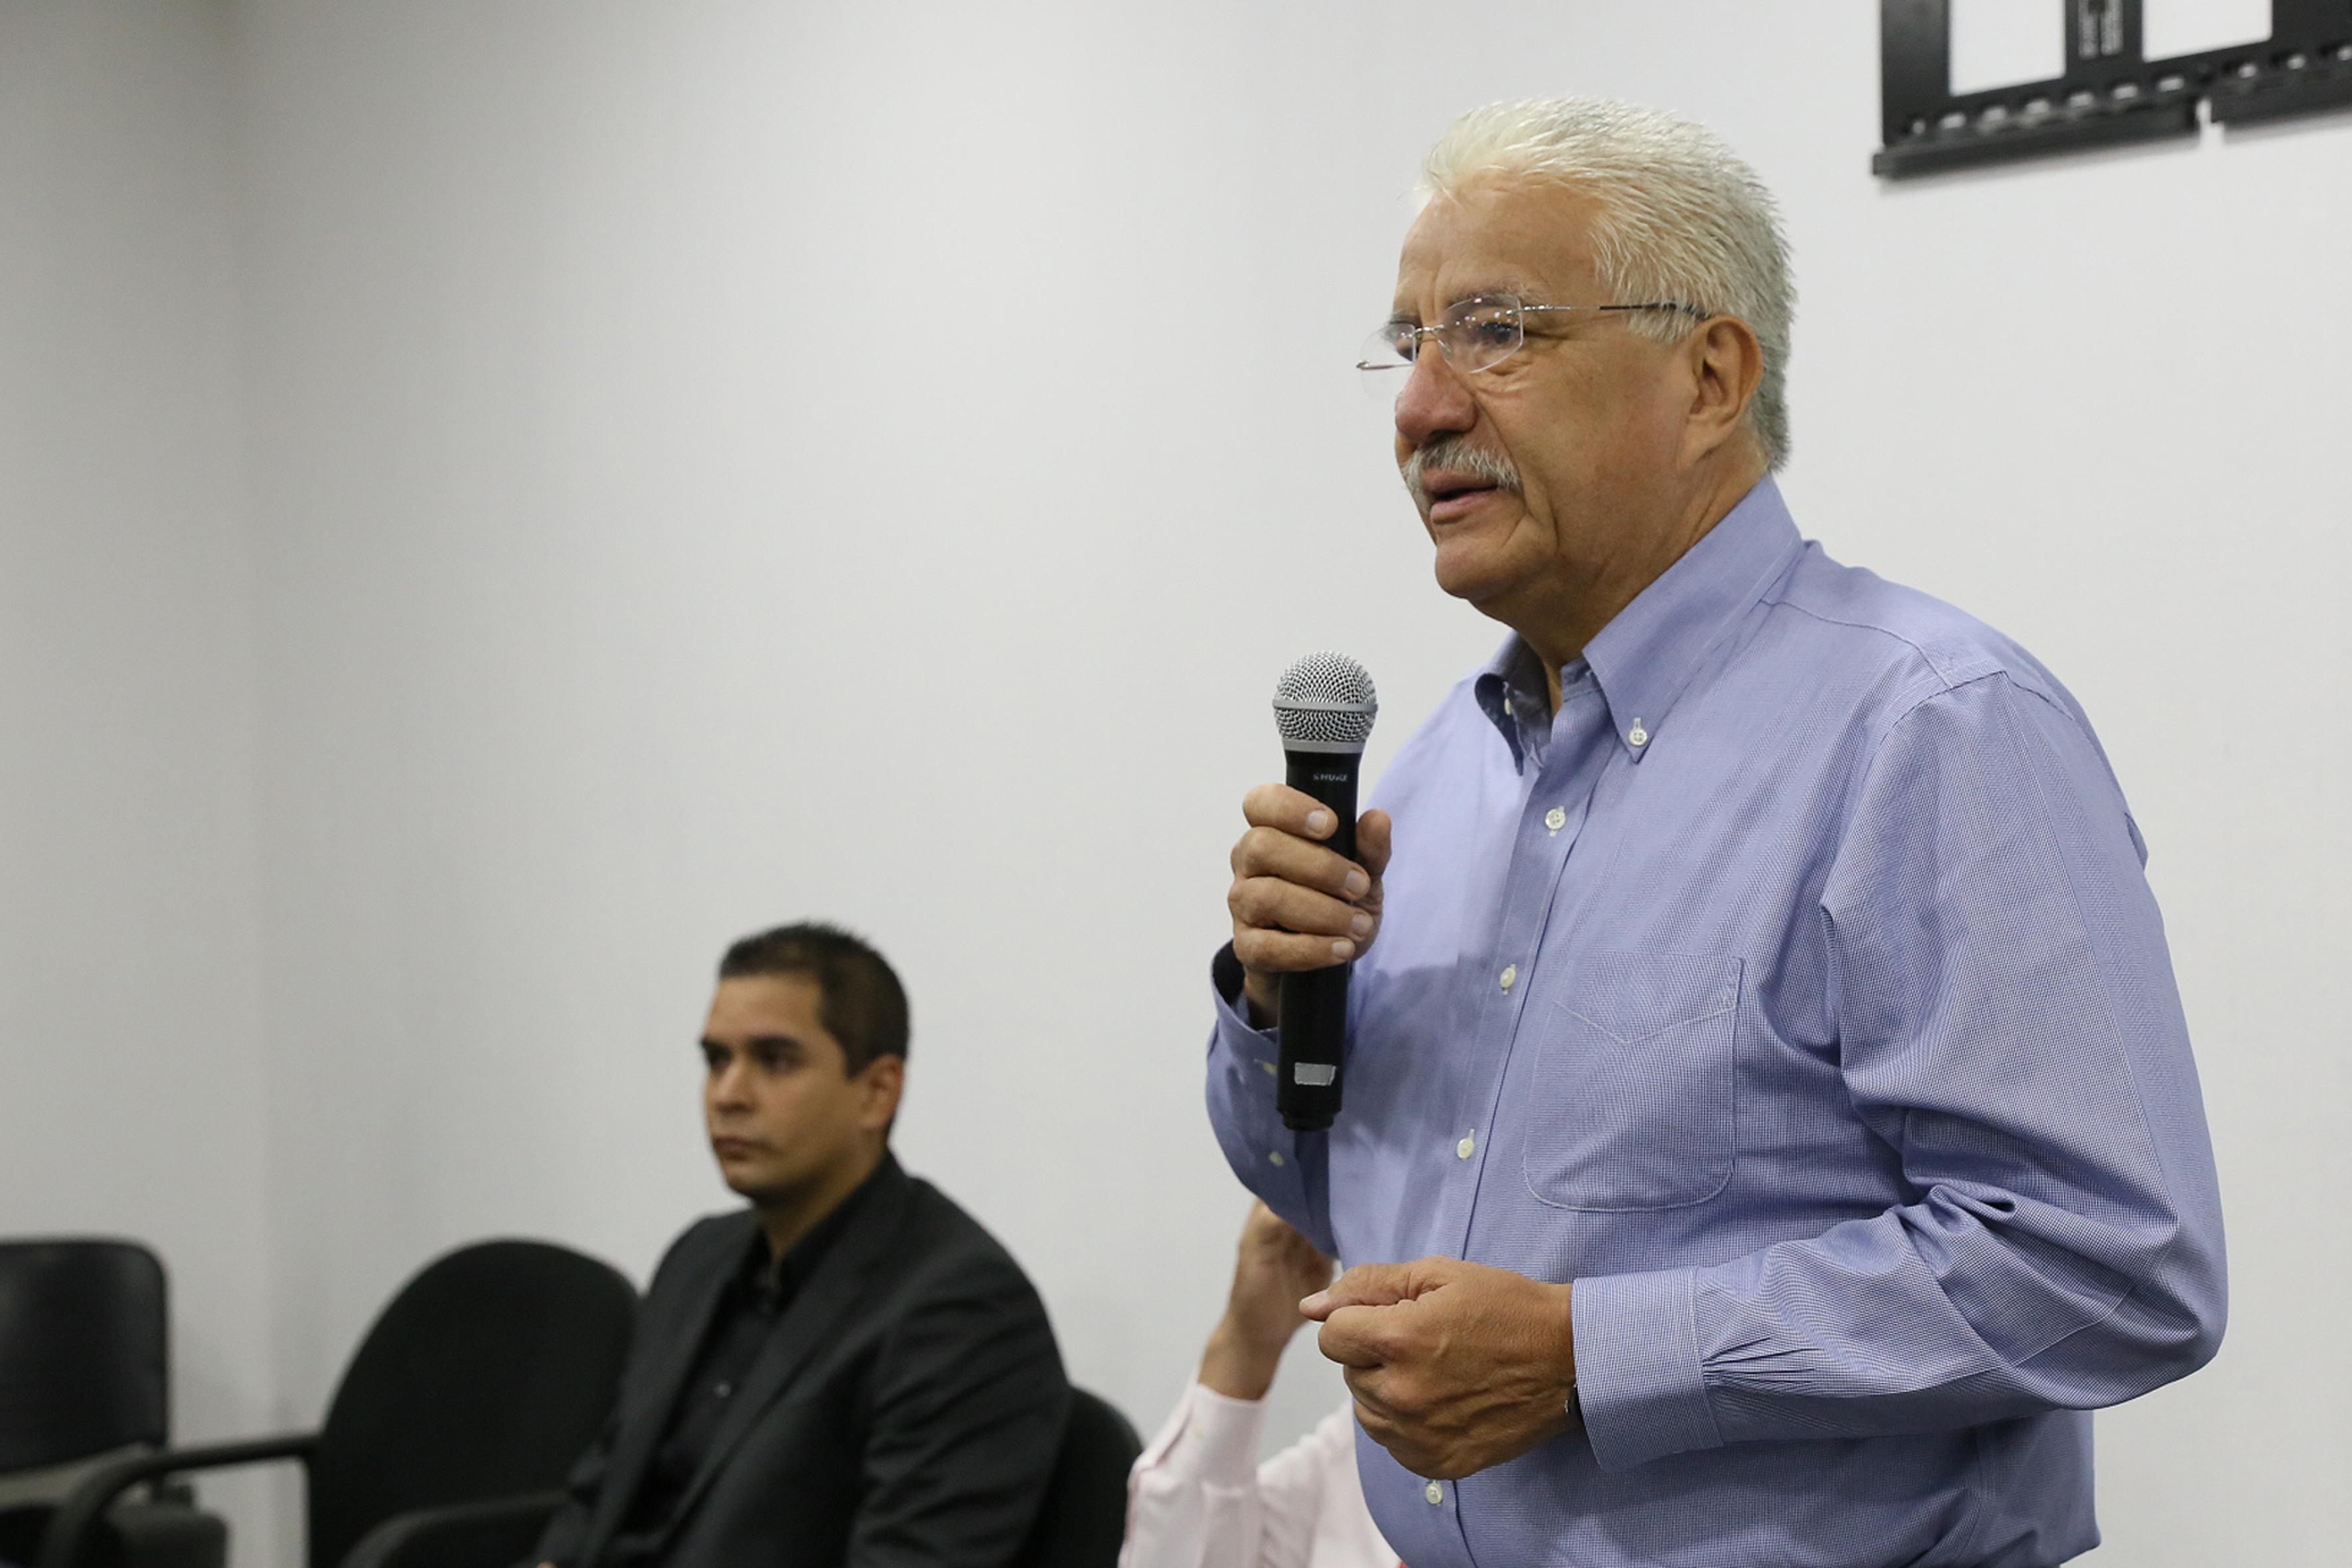 Doctor Salvador Mena Munguía, director de la División de Ciencias Agronómicas del Centro Universitario de Ciencias Biológicas y Agropecuarias de la Universidad de Guadalajarac, de pie y con micrófono en mano haciendo uso de la palabra.